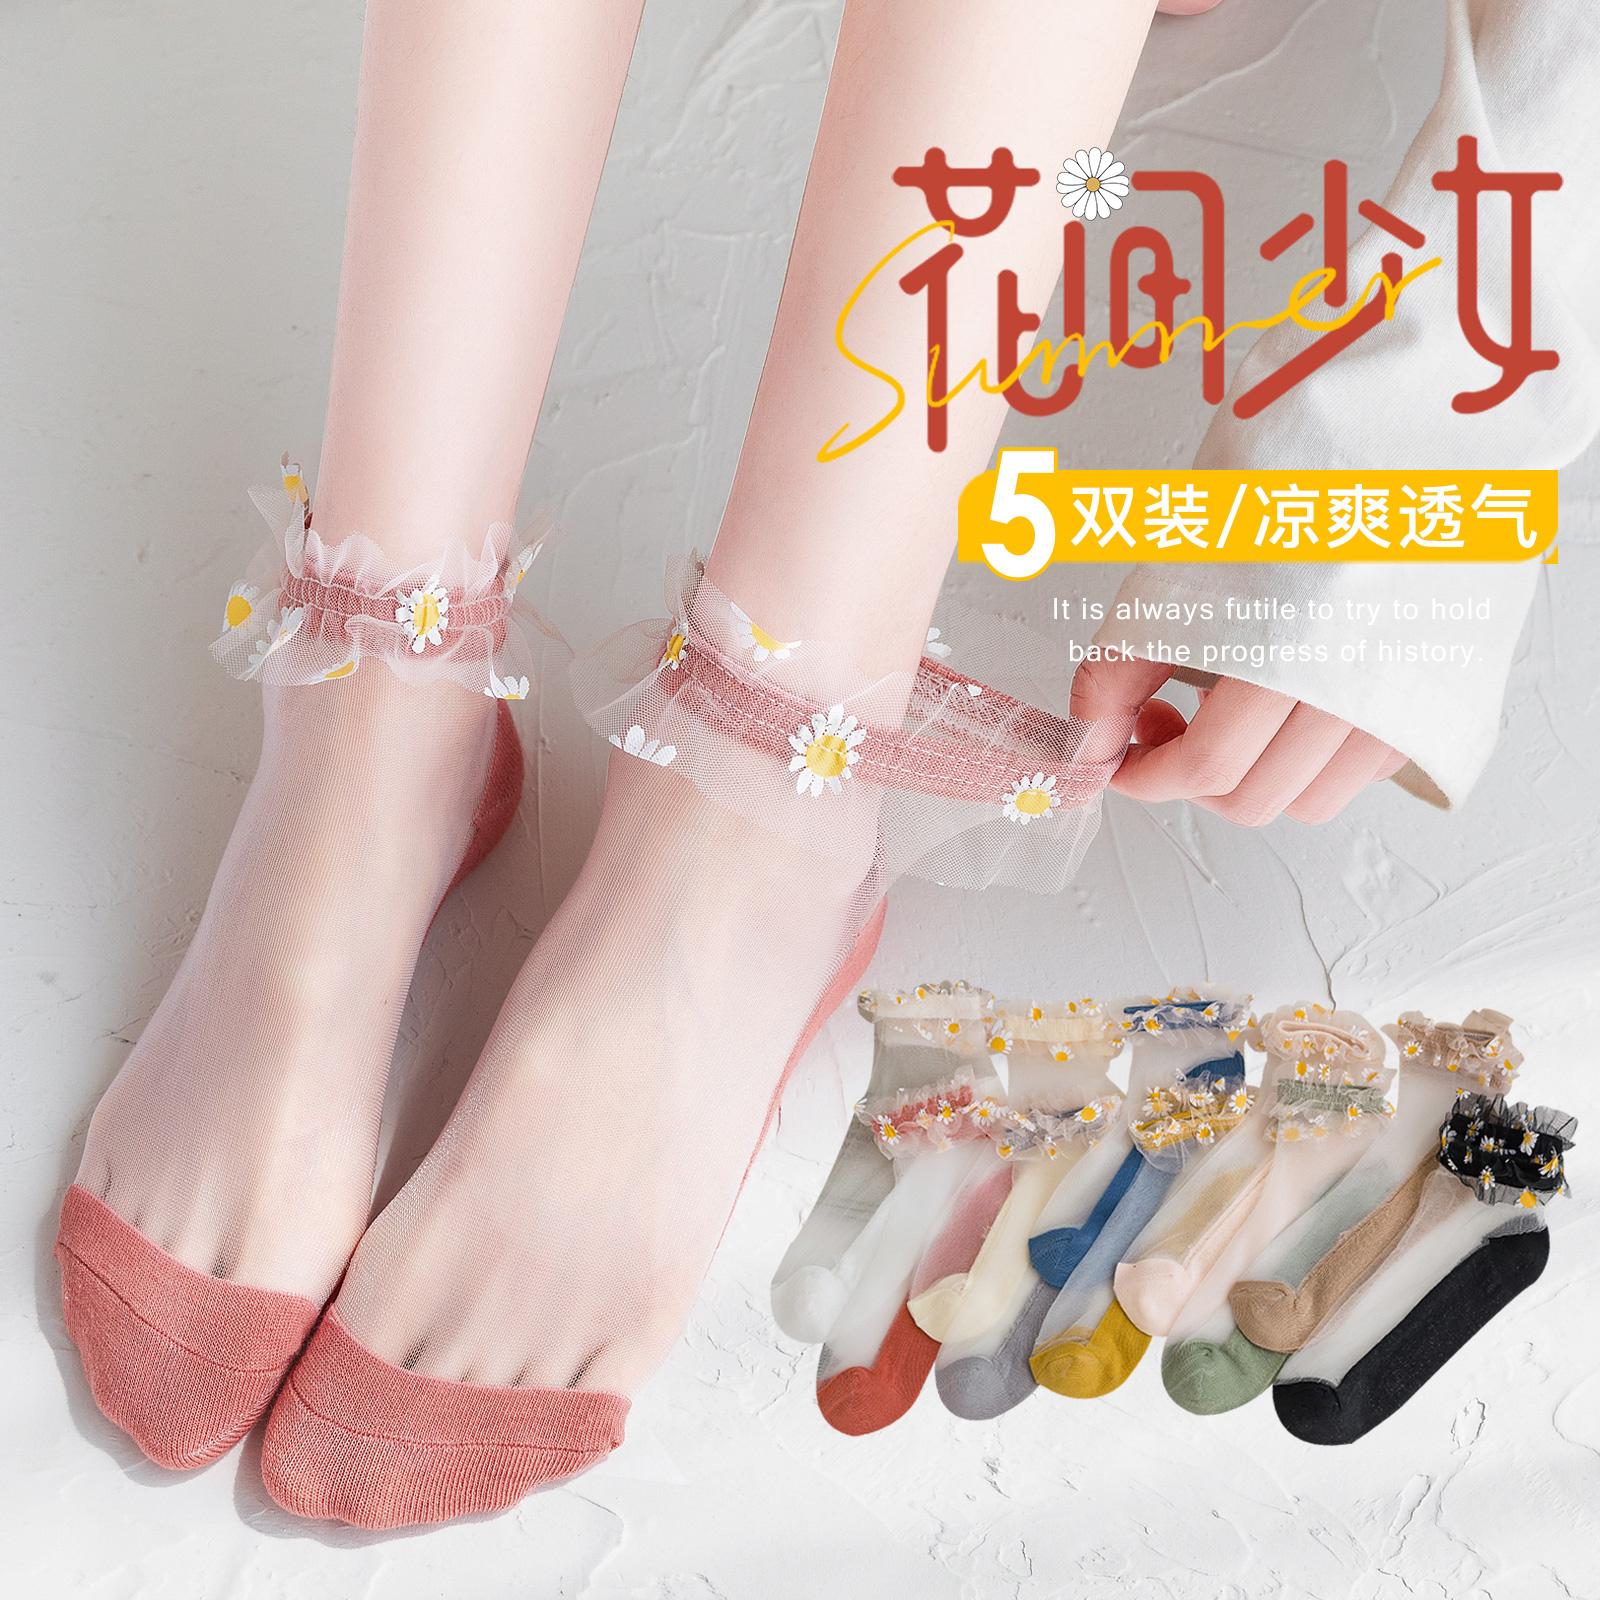 冰丝小雏菊袜子女生短袜浅口蕾丝花边中筒袜夏季薄款玻璃丝水晶袜